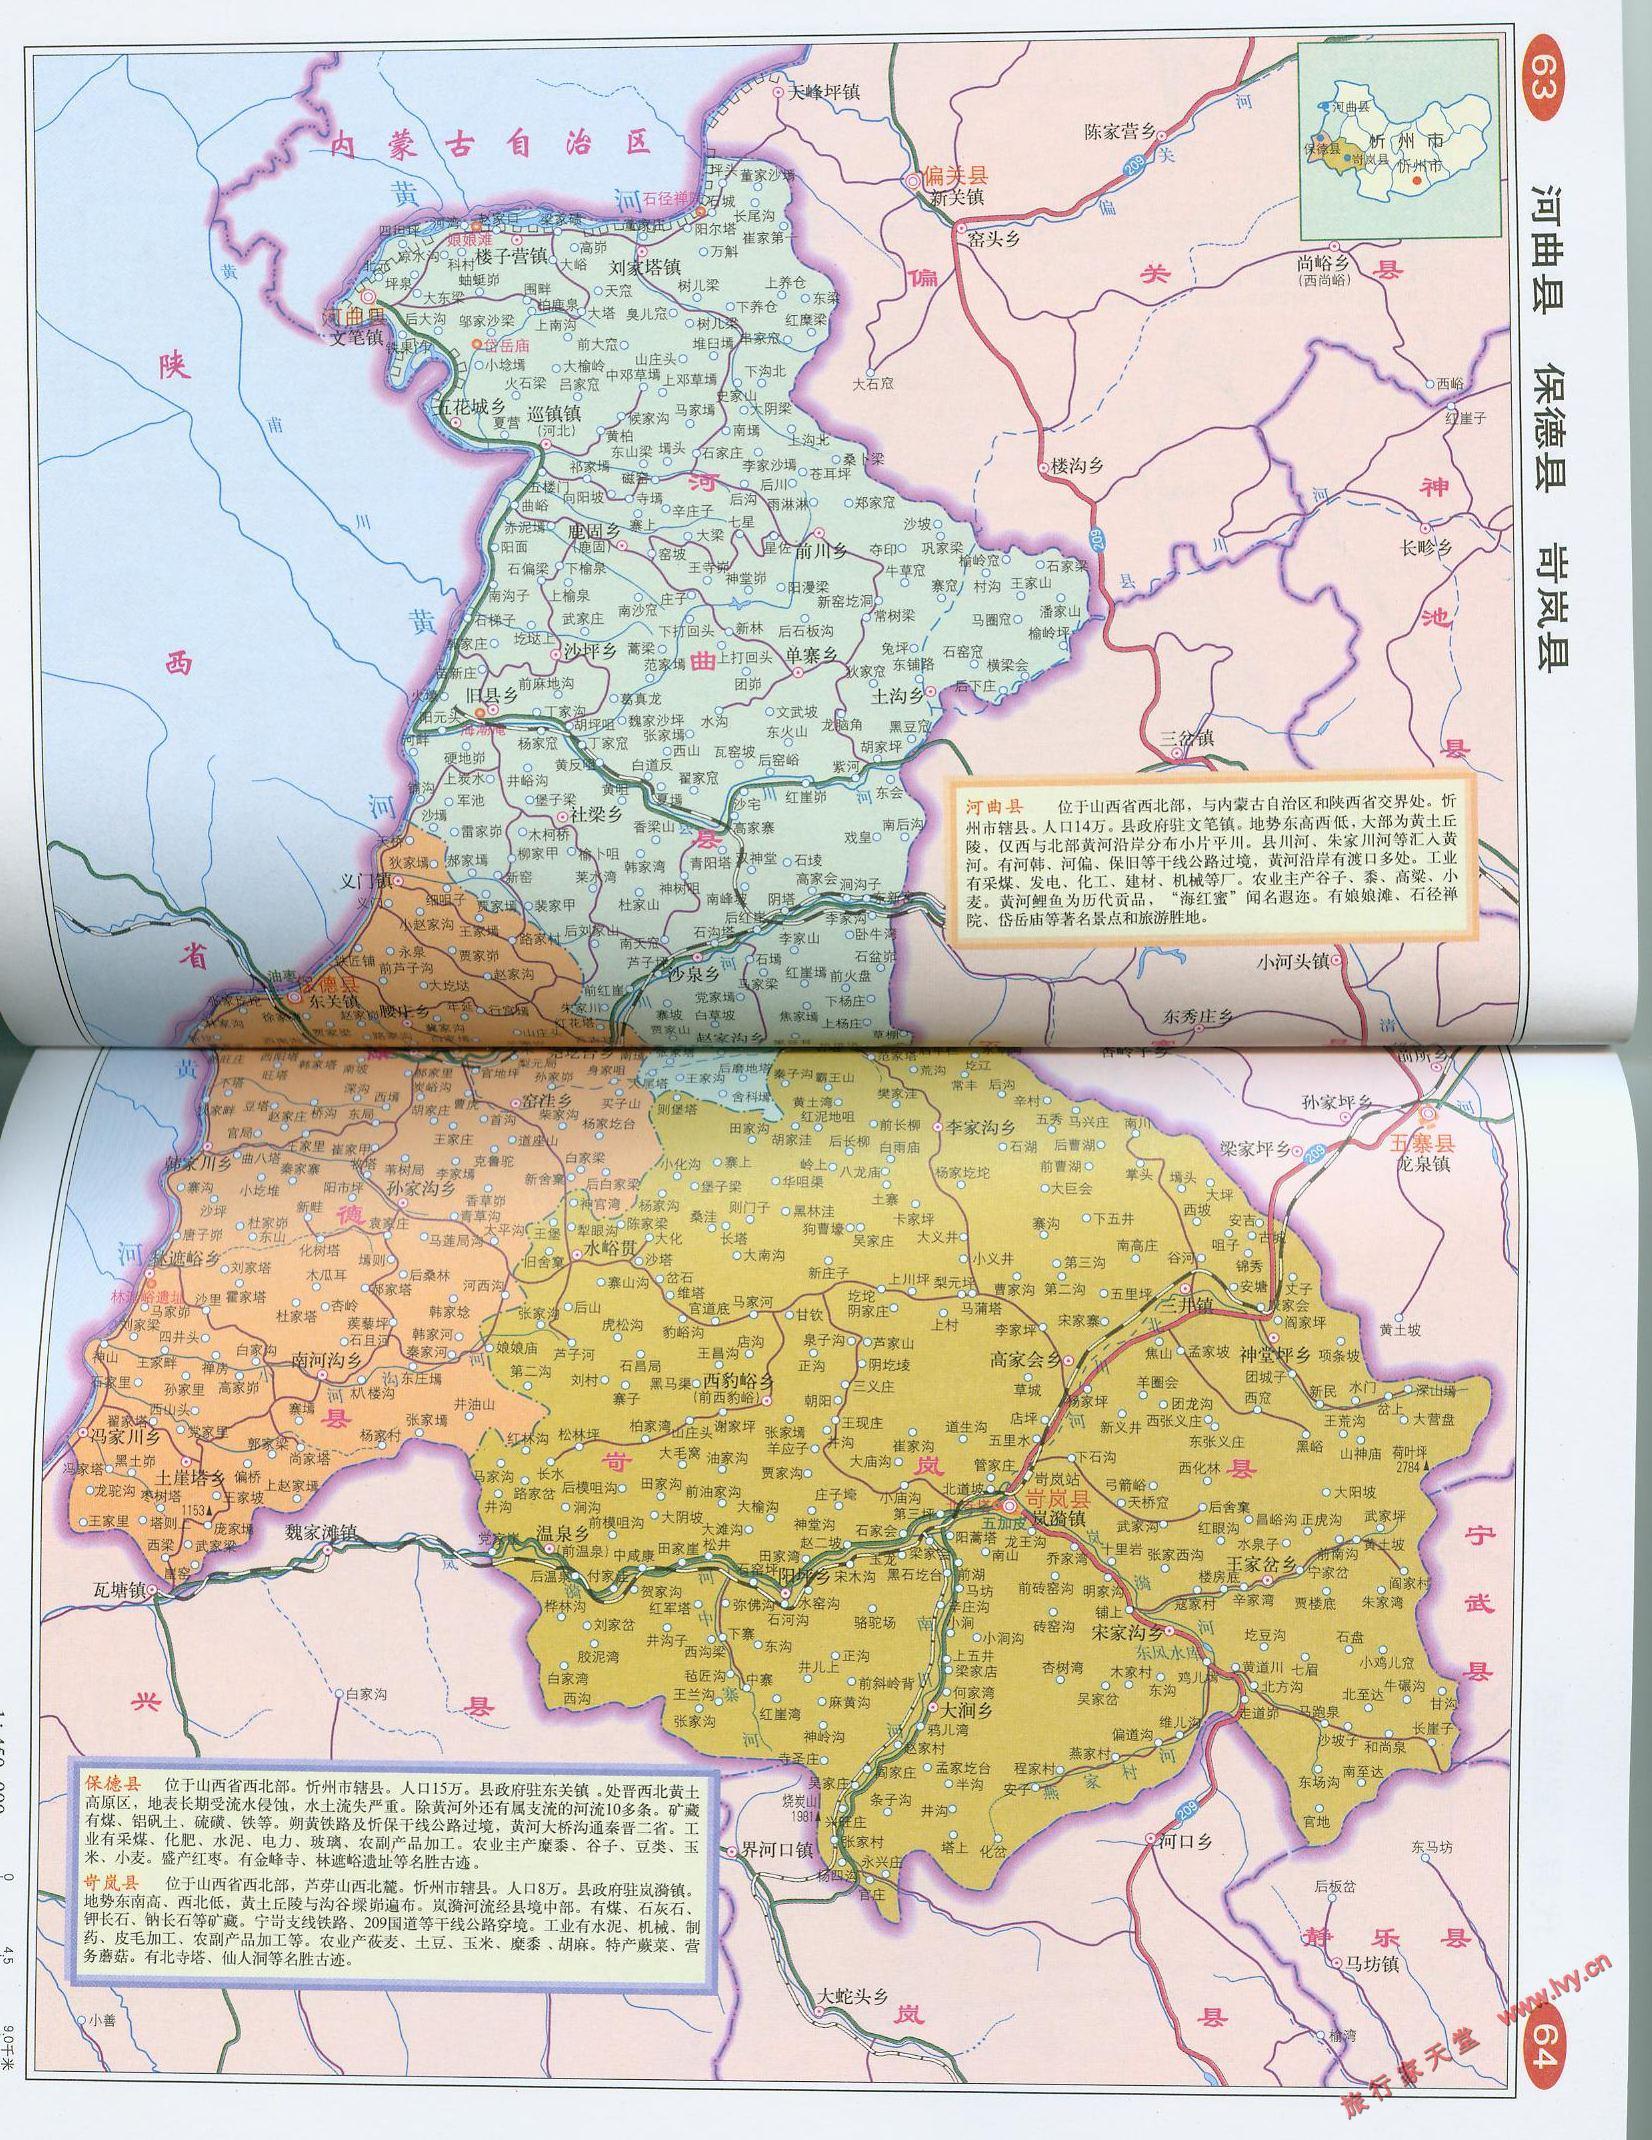 岢岚县地图 忻州地图库图片